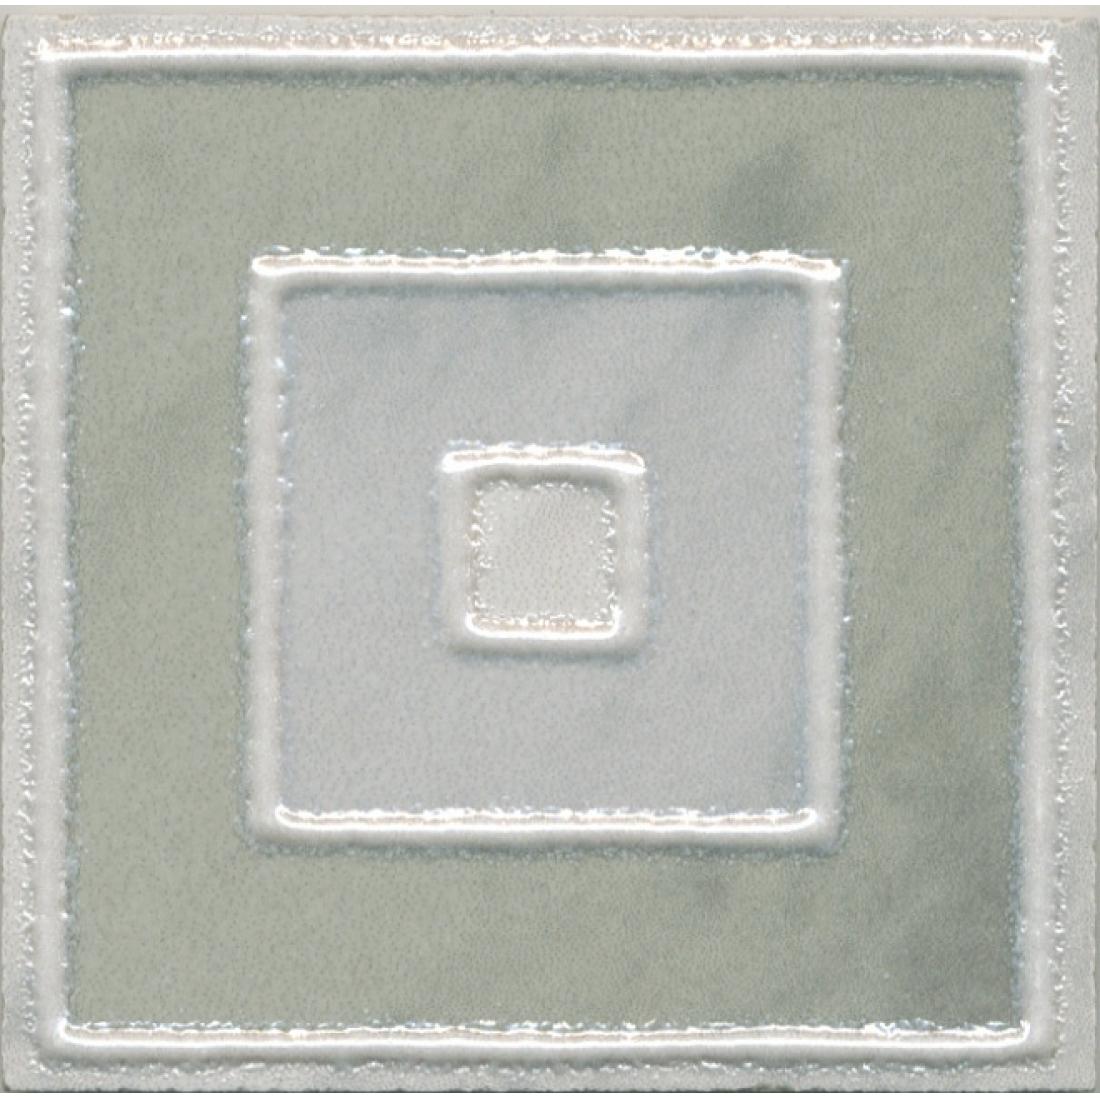 Купить Вставка Kerama Marazzi Алькала 7x7 см AD/A462/SG9321, декор, Россия, белый, зеленый, керамика